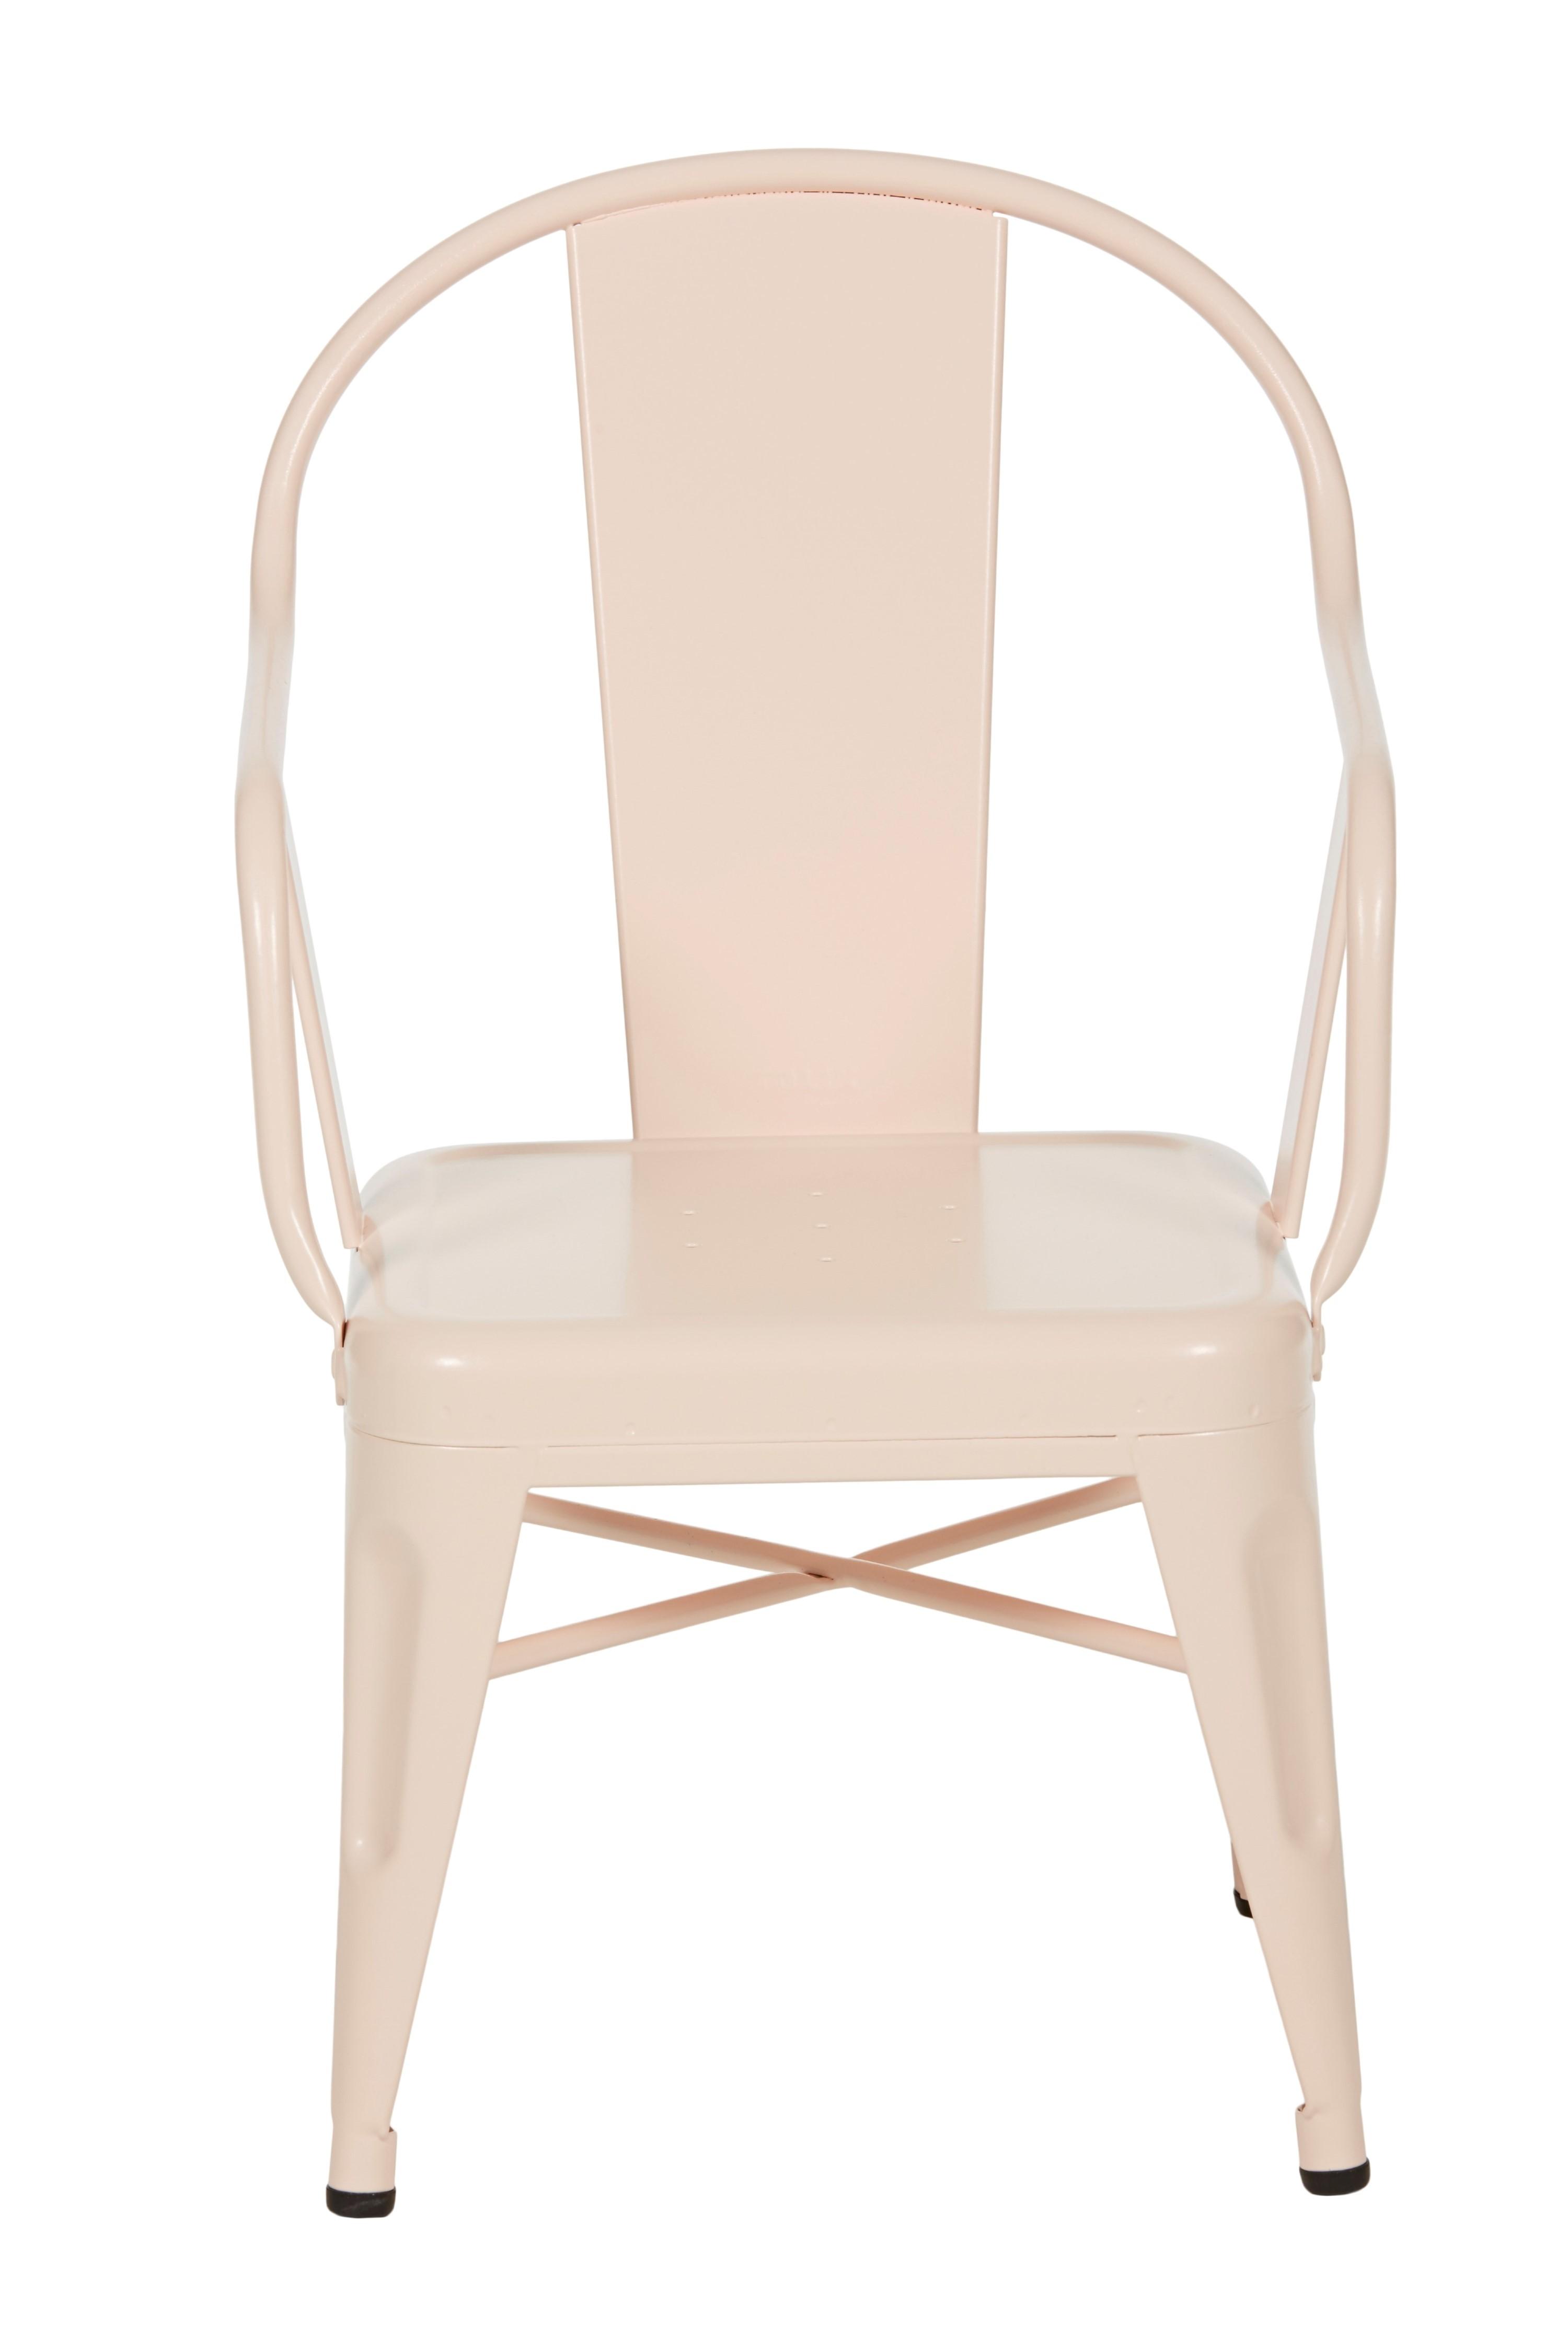 fauteuil mouette de tolix pour enfants 3 coloris. Black Bedroom Furniture Sets. Home Design Ideas